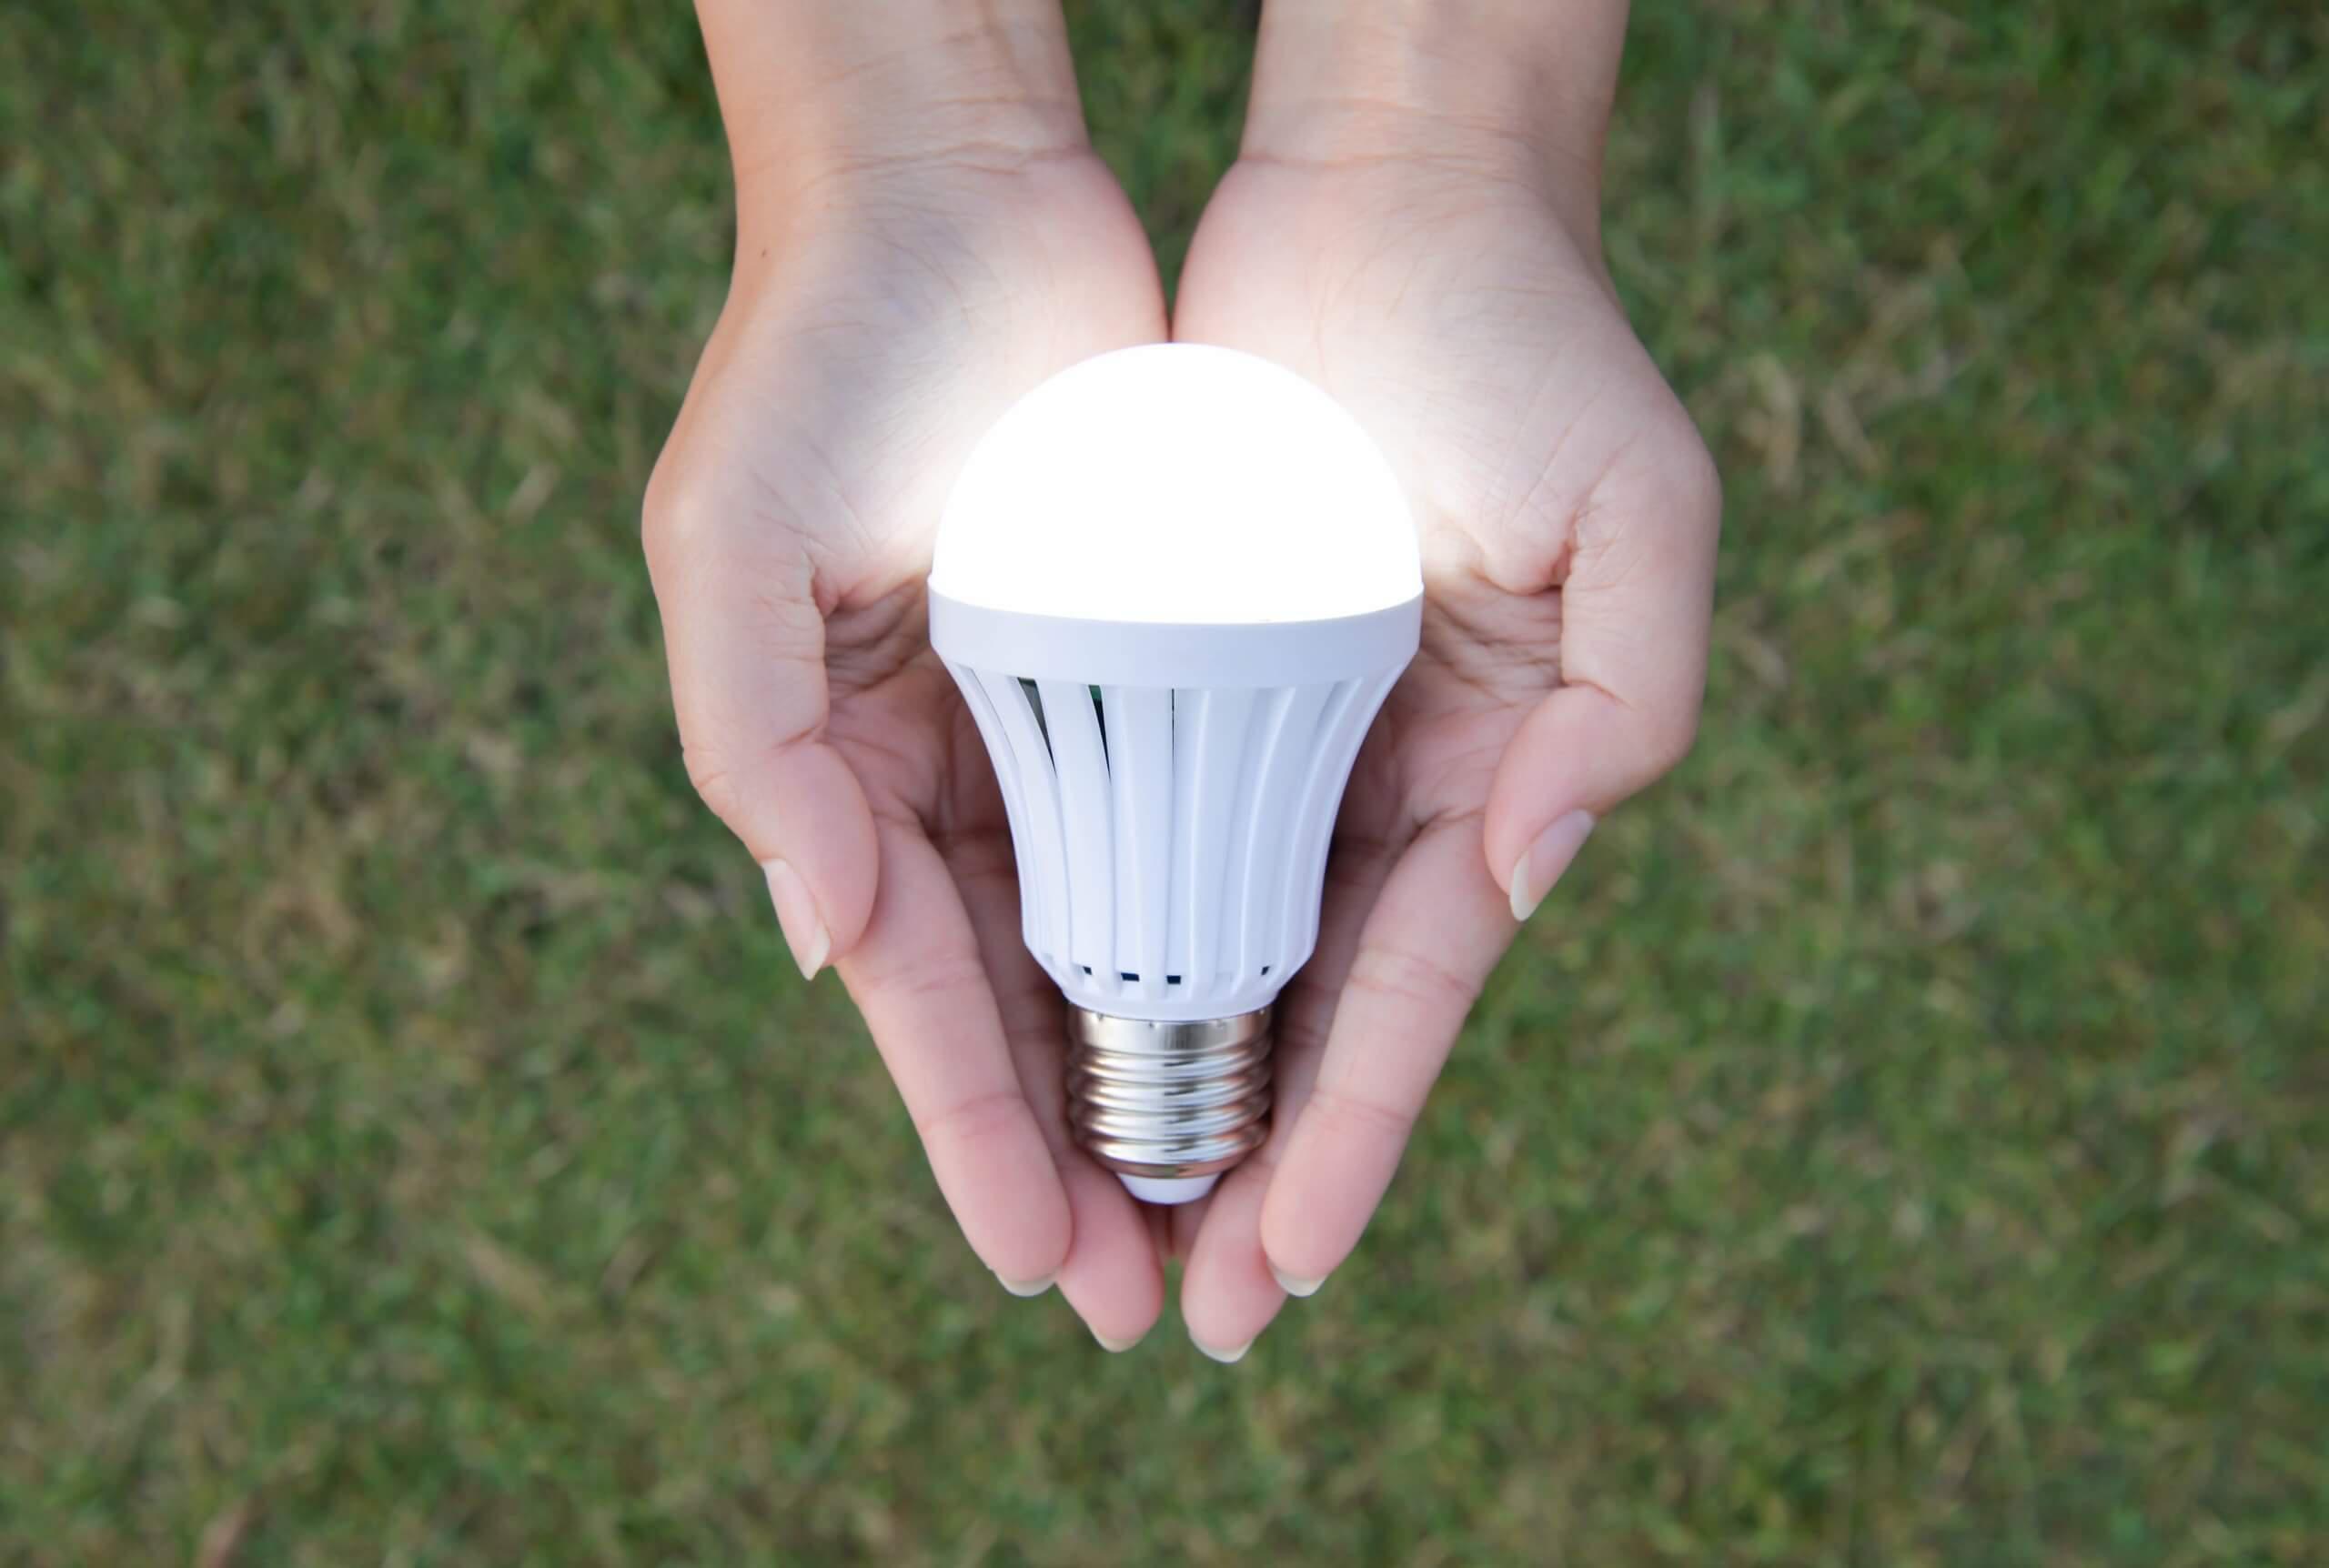 Hands hold energy-saving lightbulb